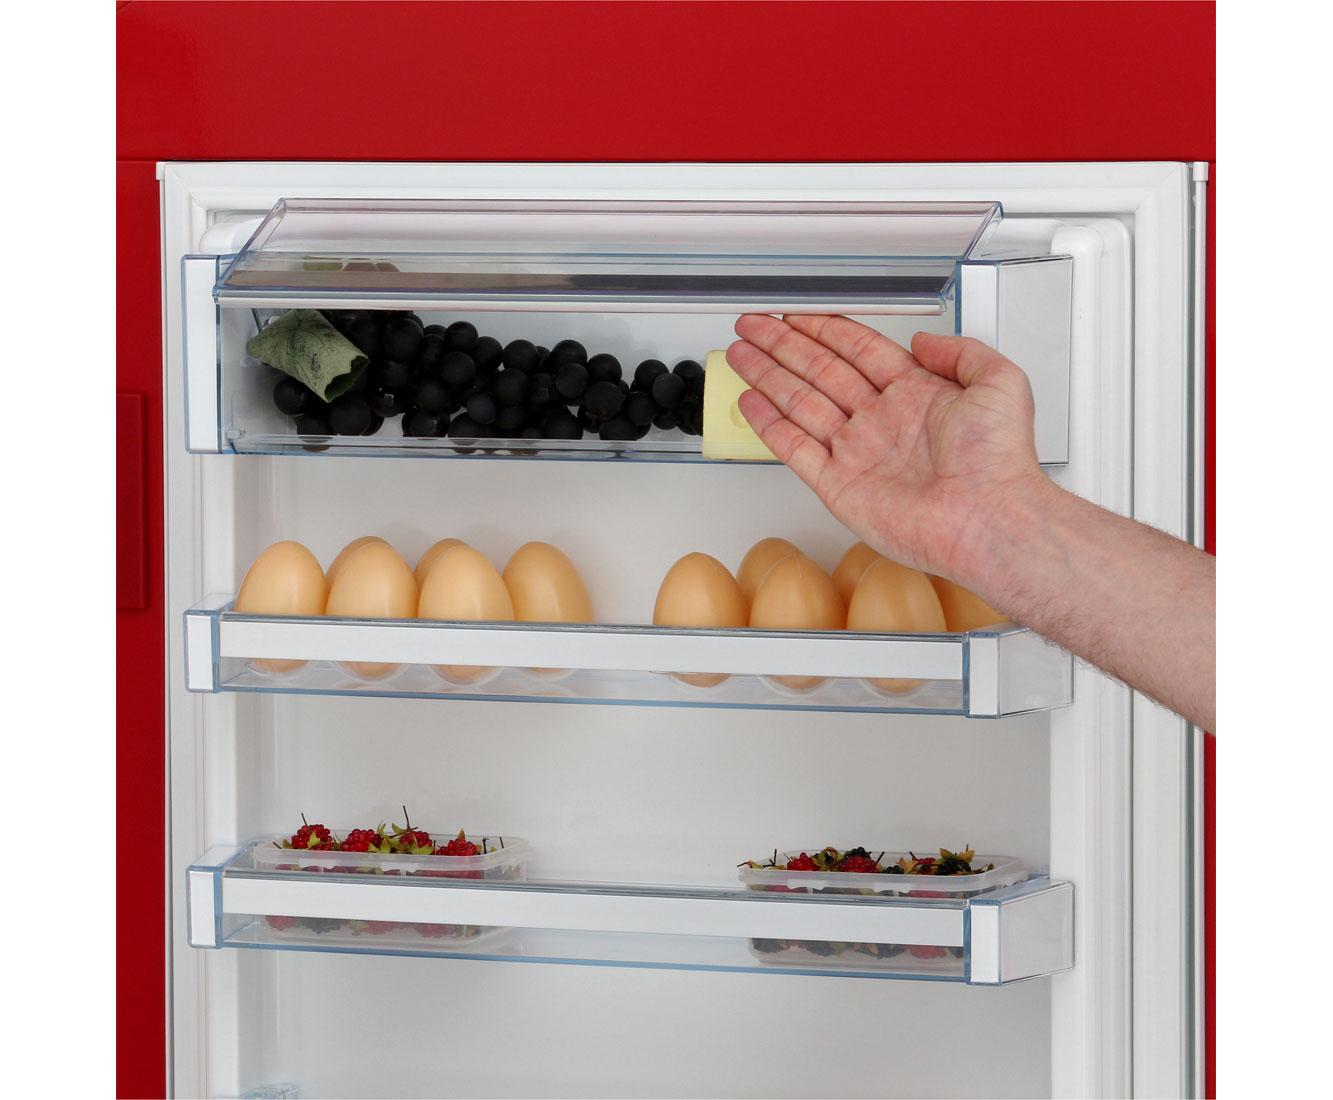 Kühlschrank Aeg Oder Bosch : Bosch serie ksl ar kühlschrank mit gefrierfach rot retro